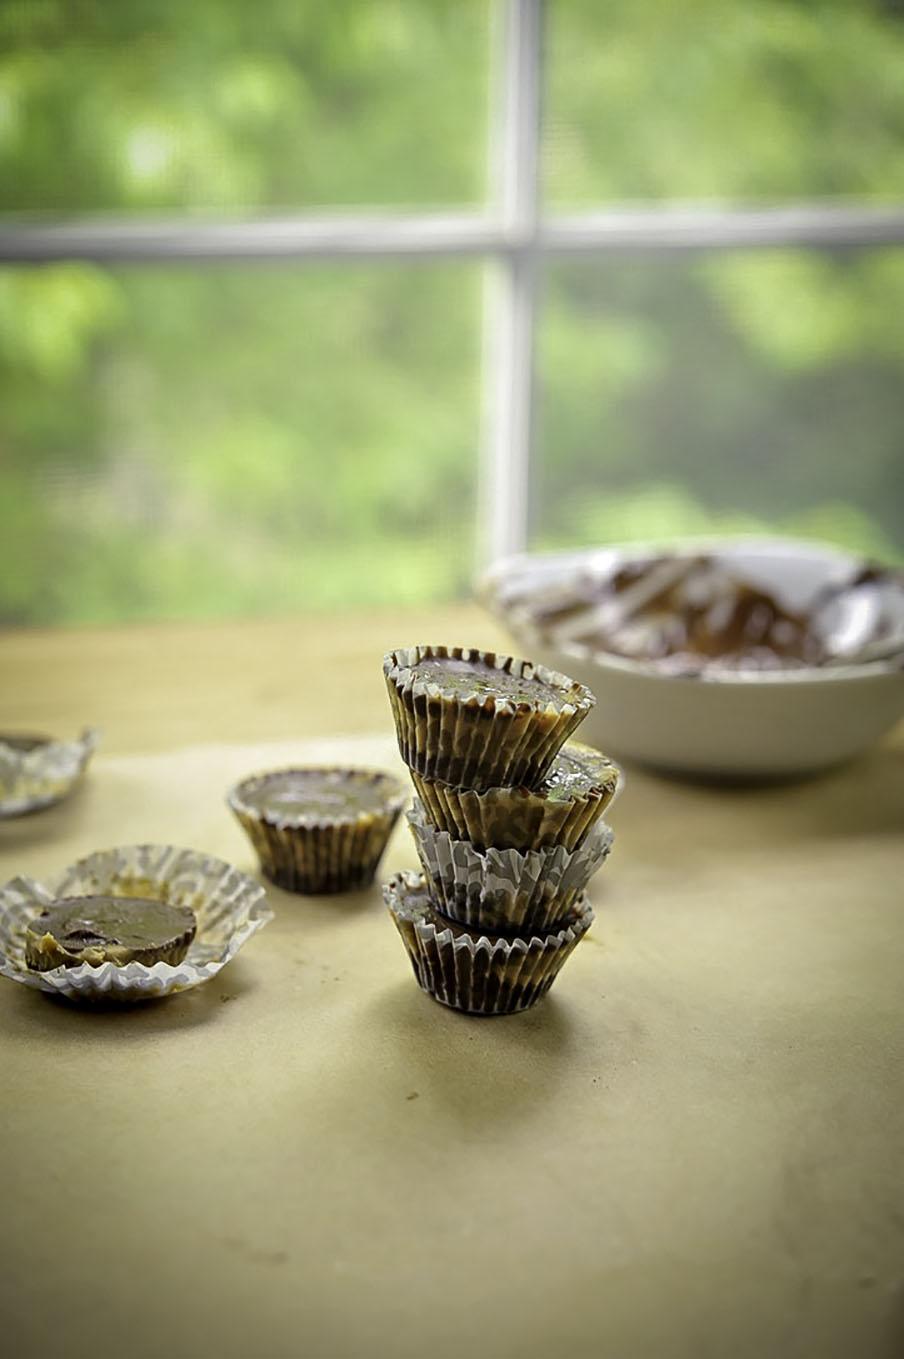 Skinny peanut butter cup copycat recipe